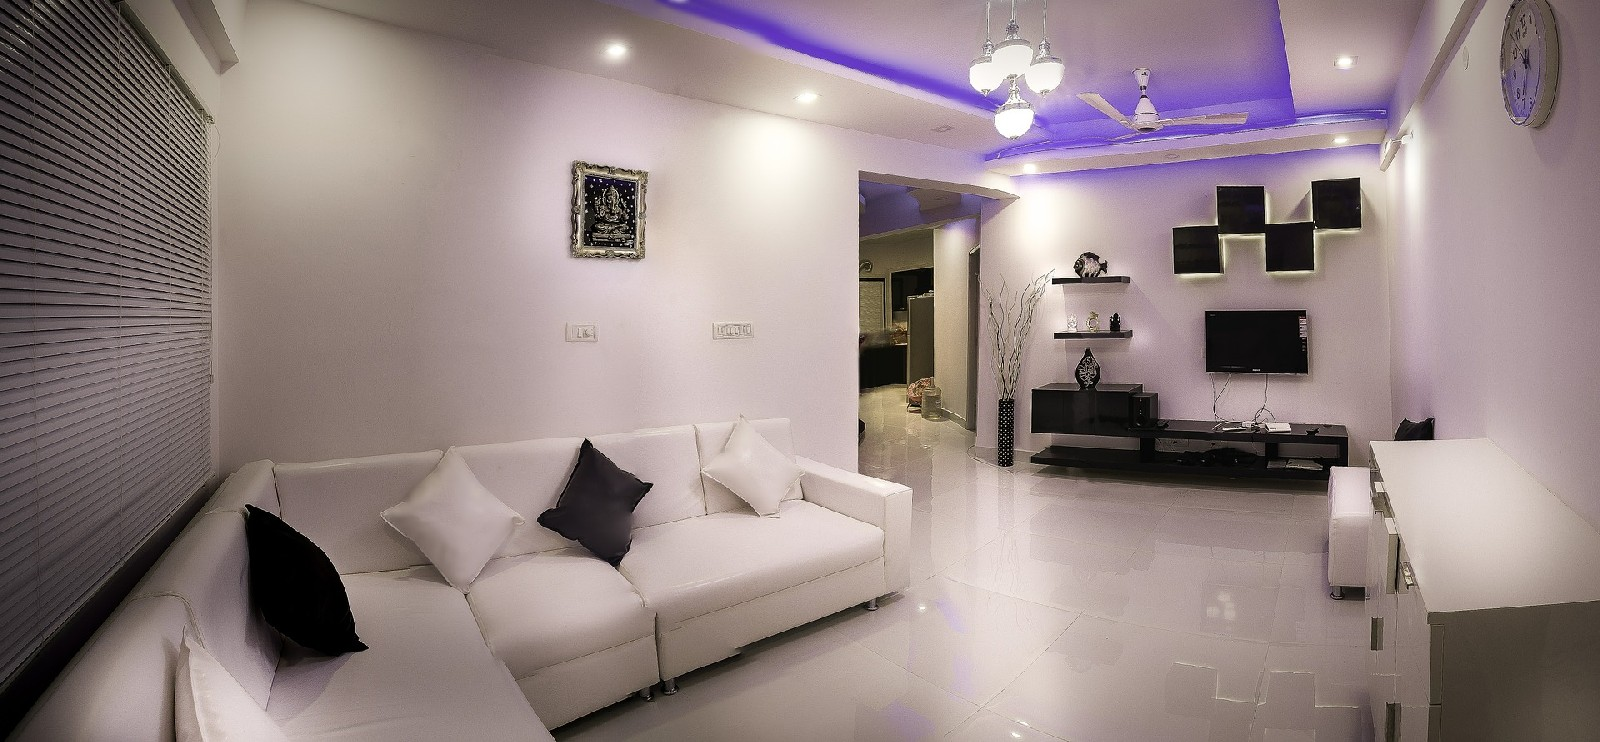 Jak zaplanować oświetlenie w domu?